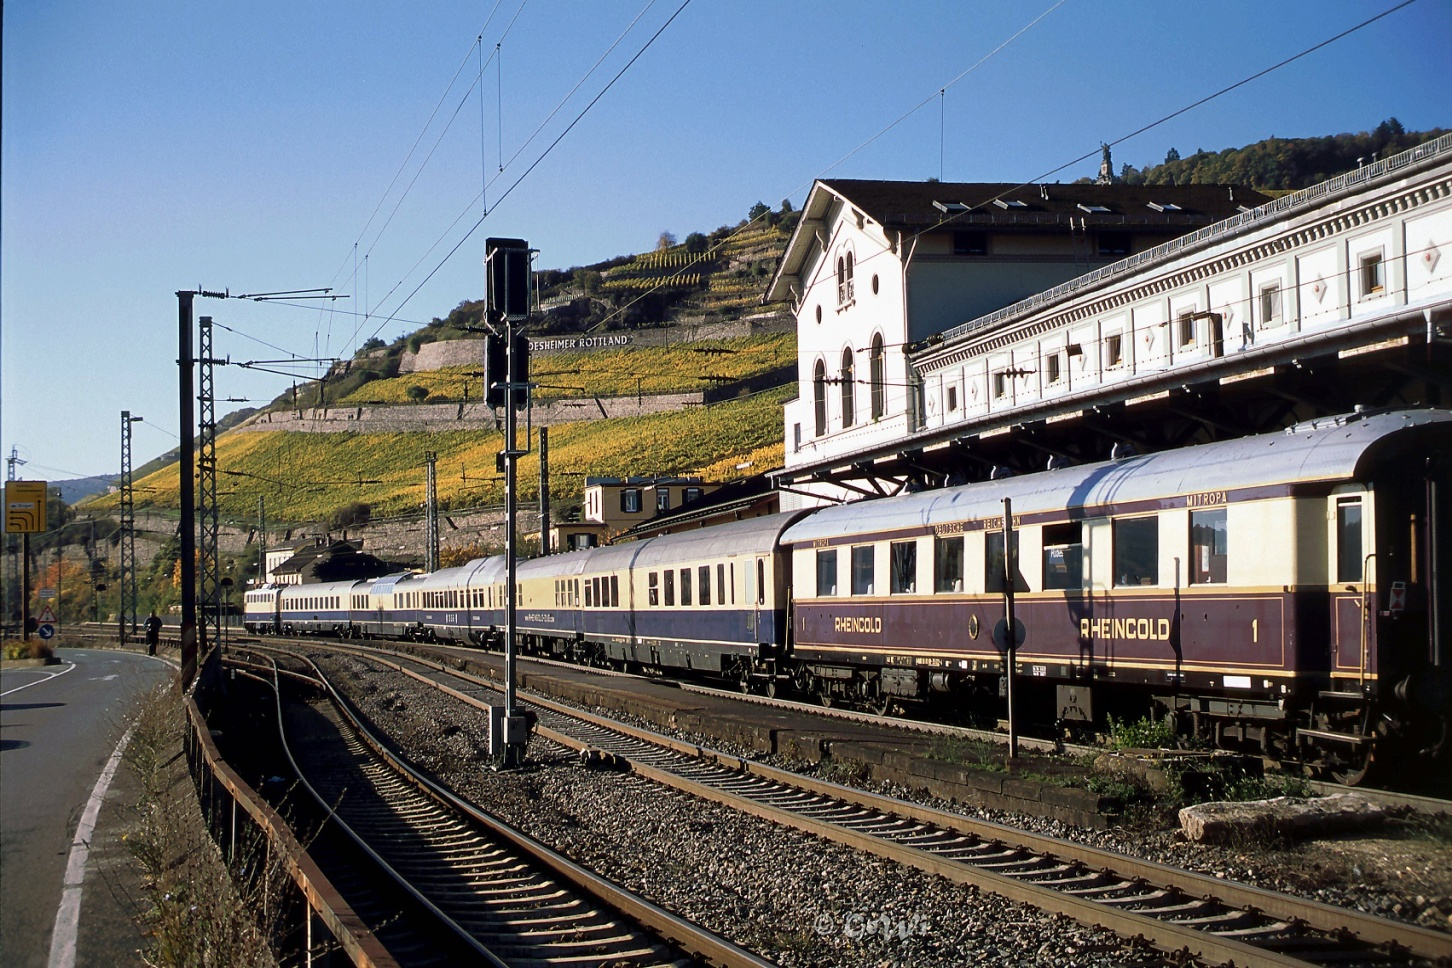 C:\Users\G.Wilhelm\LC103 HP NEU ab 01.01.19\2015+2016, warum ist es am Rhein so schön\Beitrag 15+16 fertig für HP\HP10 kl korr 2016-10-30.8korr, LC E10 1239 _FEK Rheingold, Rüdesheim 36.jpg